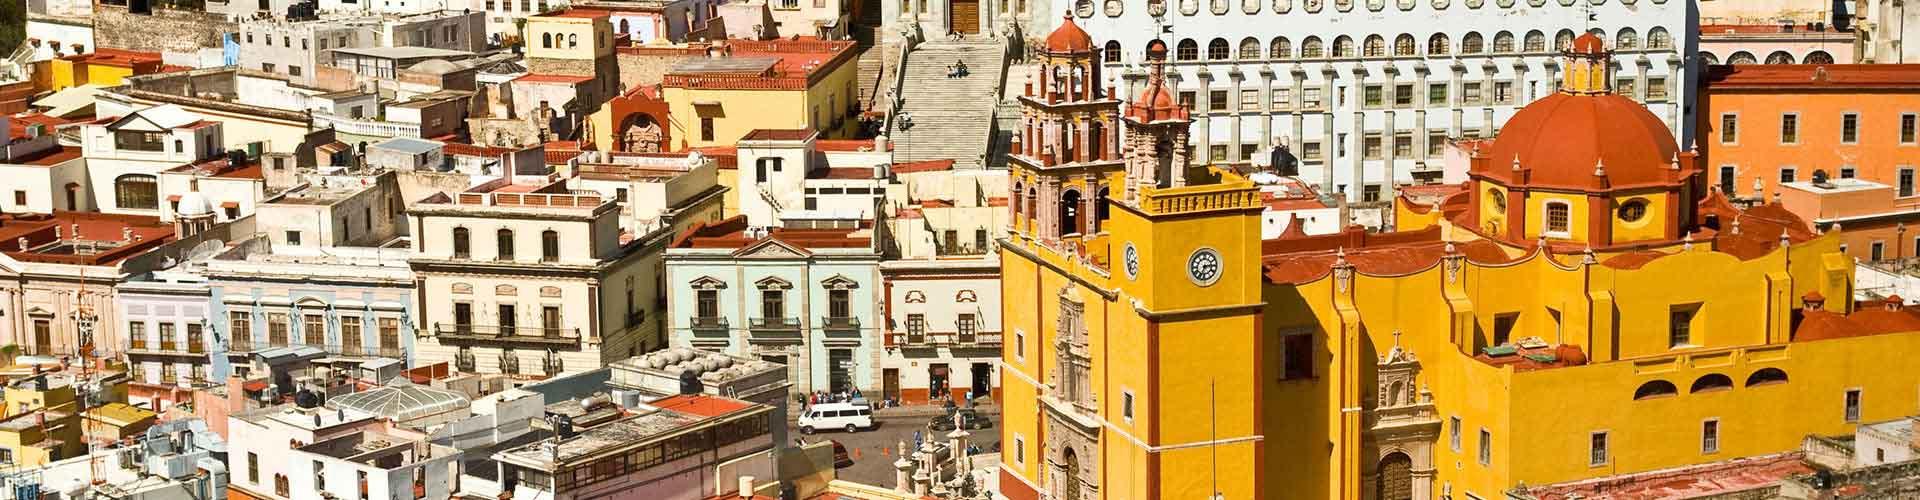 Guanajuato - Auberges de jeunesse à Guanajuato. Cartes pour Guanajuato, photos et commentaires pour chaque auberge de jeunesse à Guanajuato.